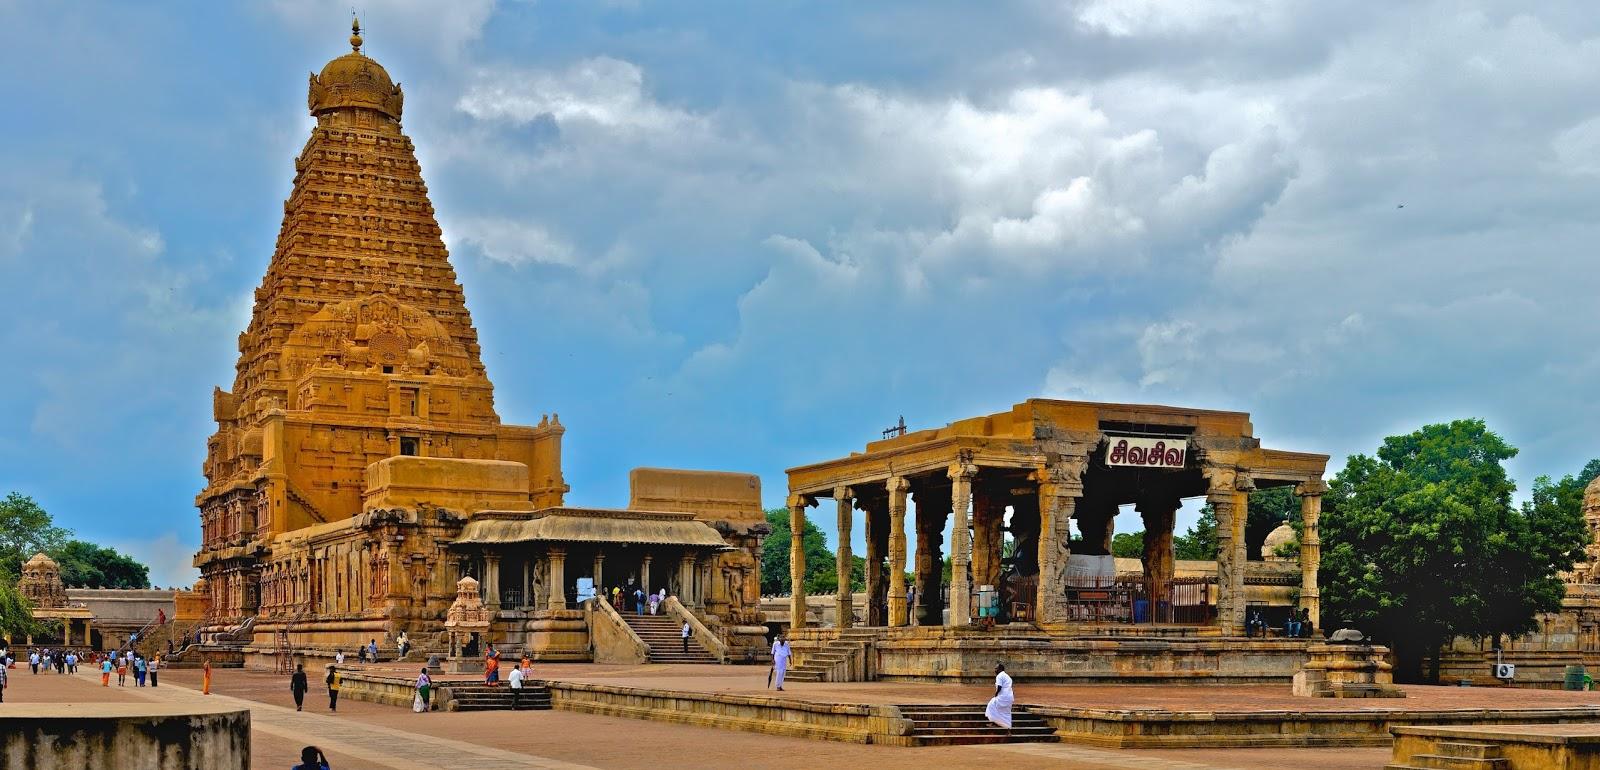 Tanjore's Brihadeeswara Temple